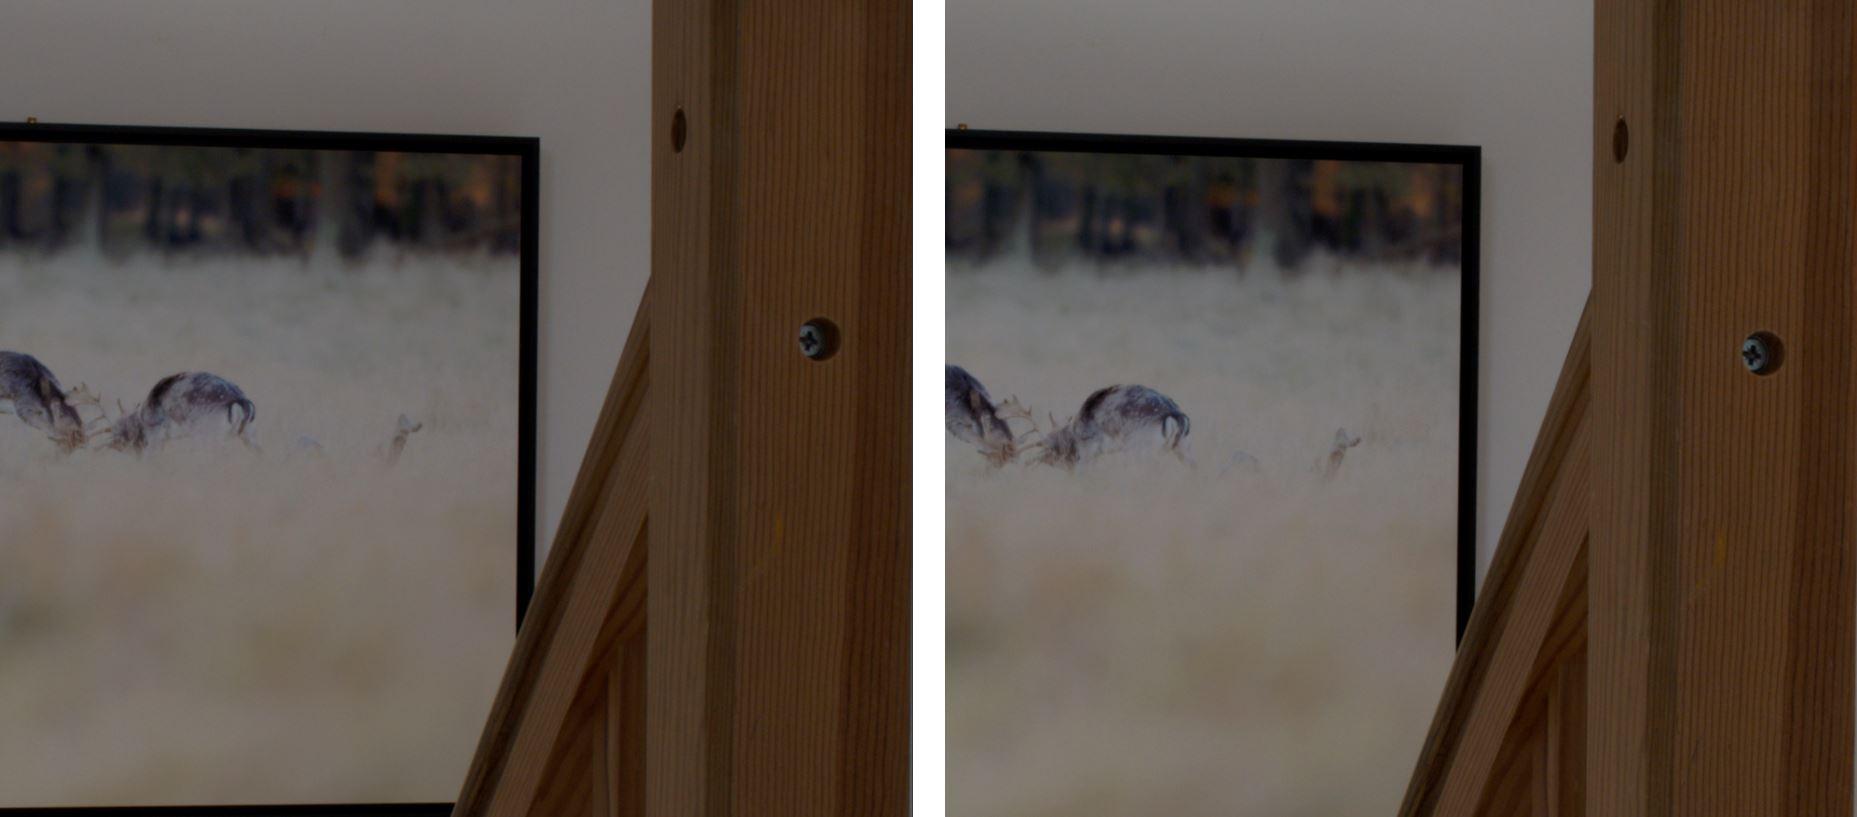 Différence entre Nikon D5 24mm f1,8 et Nikon D5 18-55mm